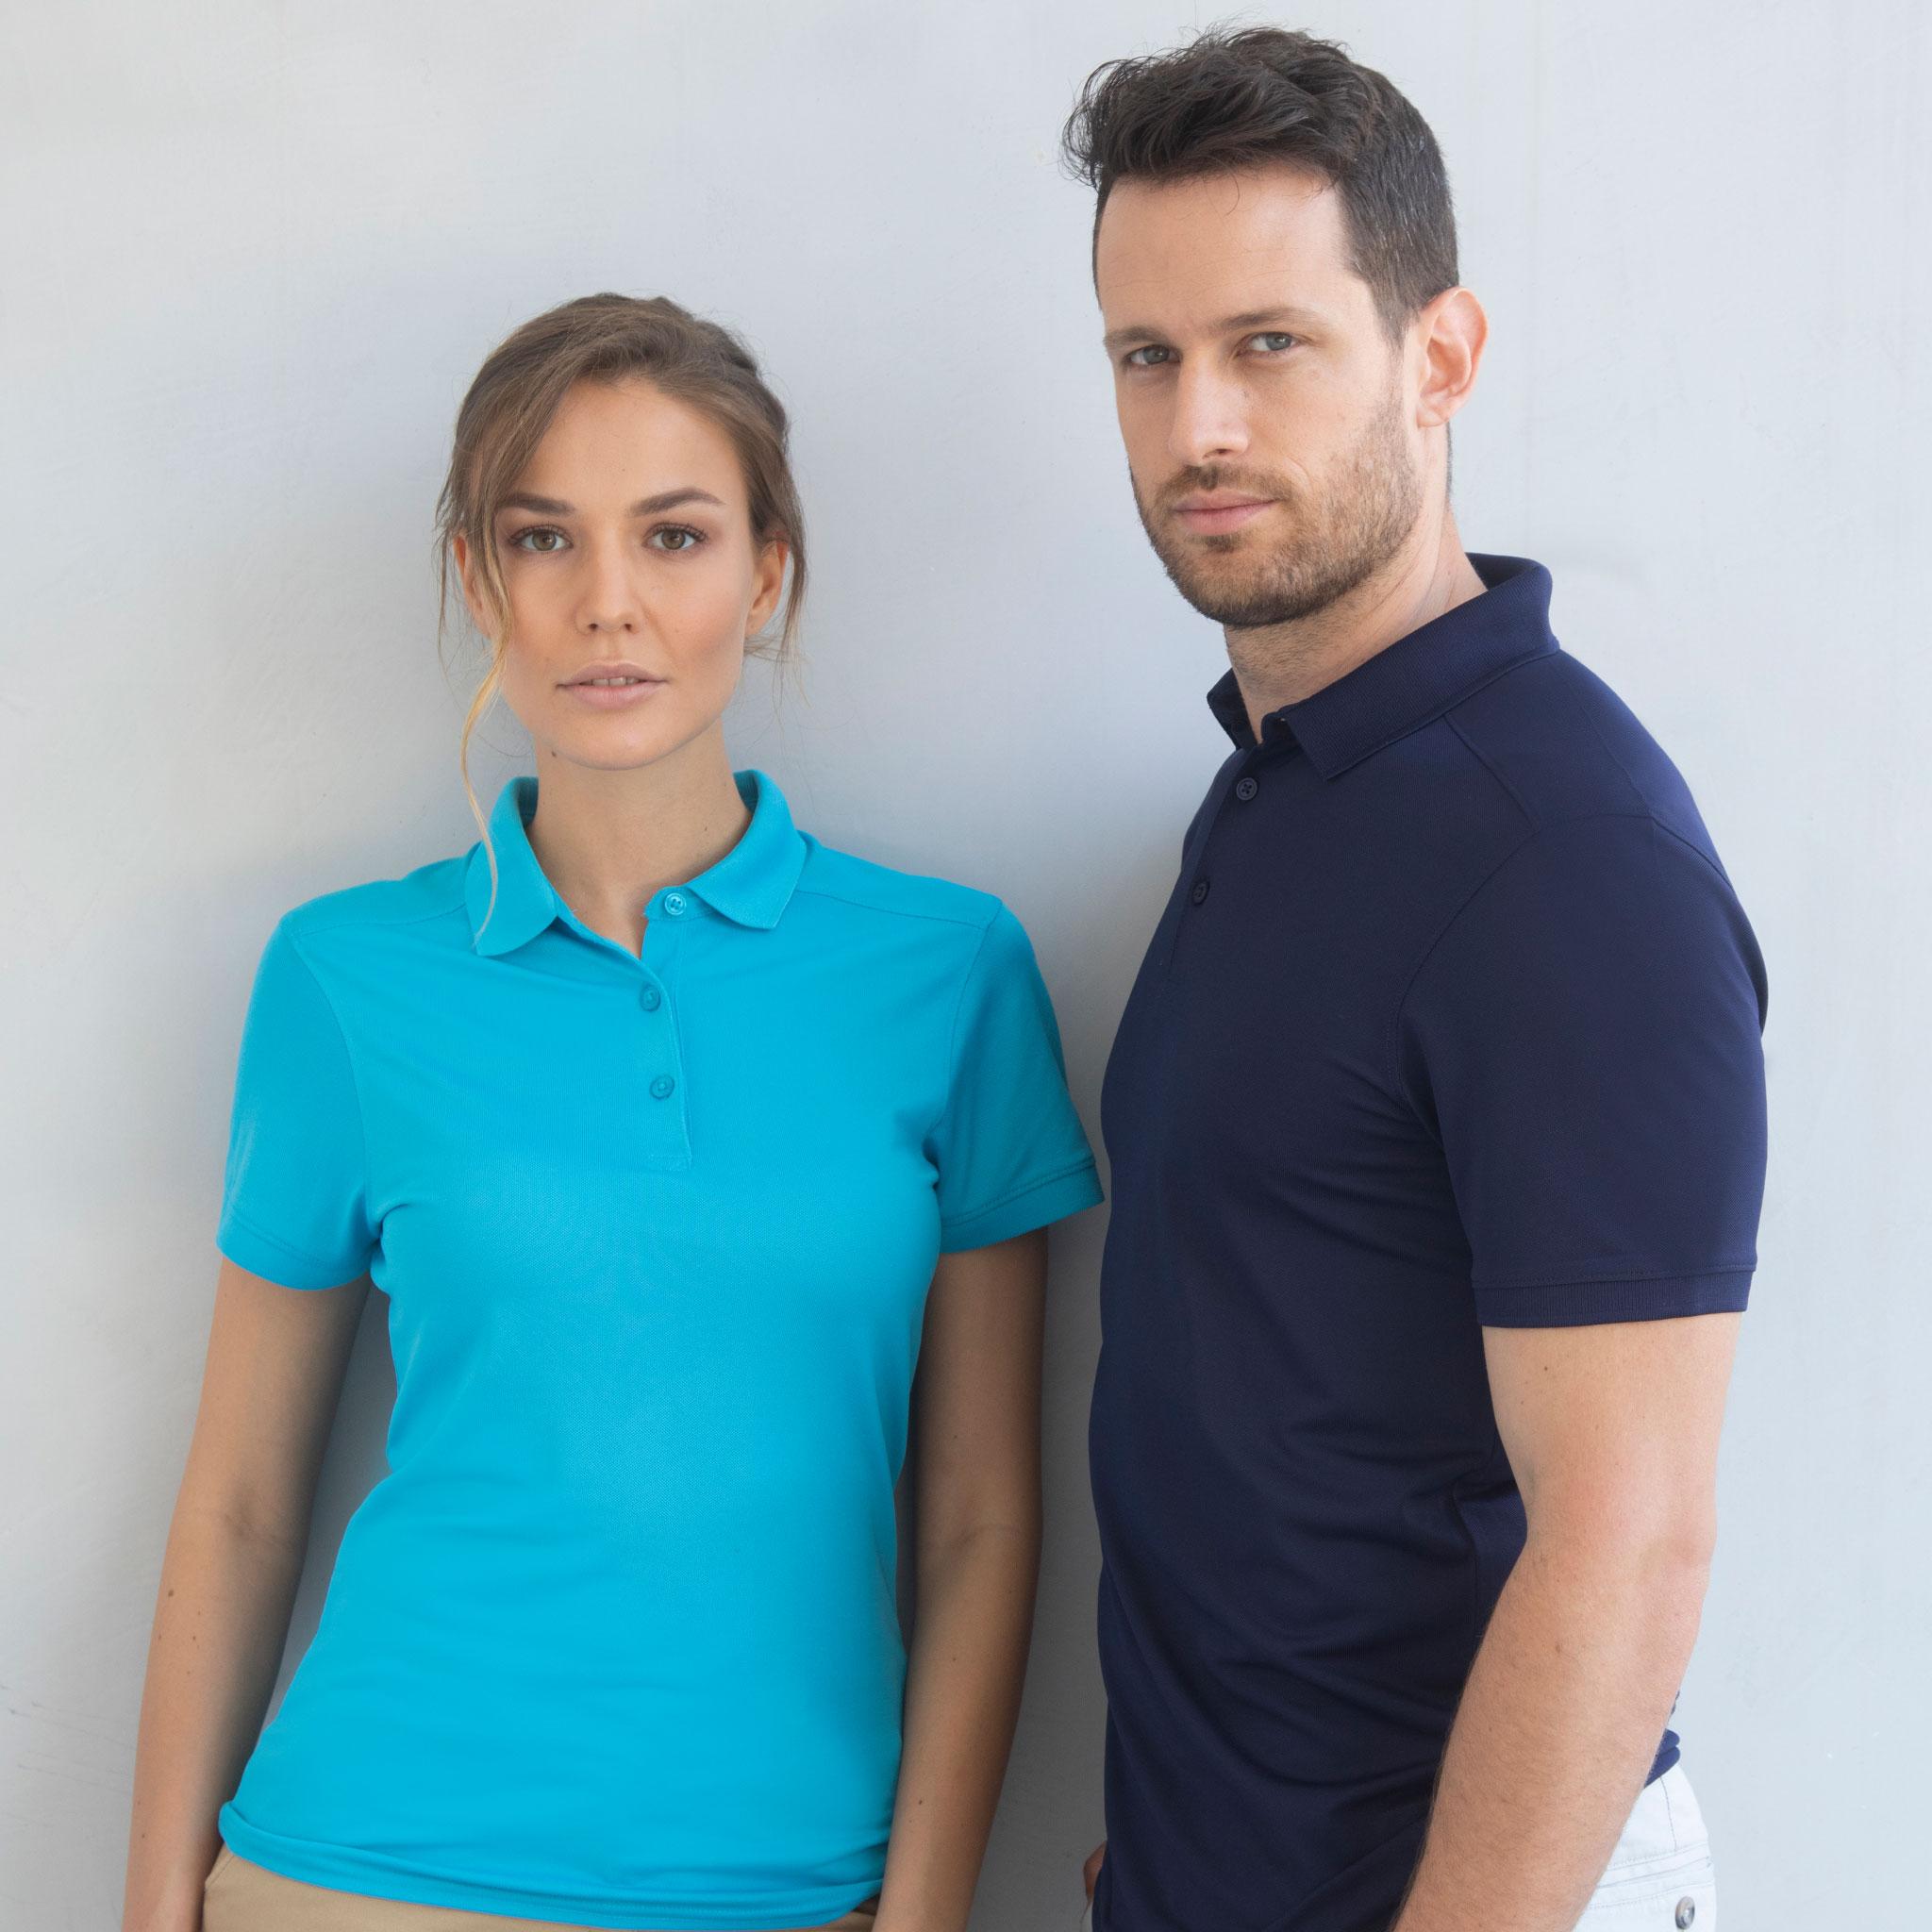 Mens & Womens Polo Shirts